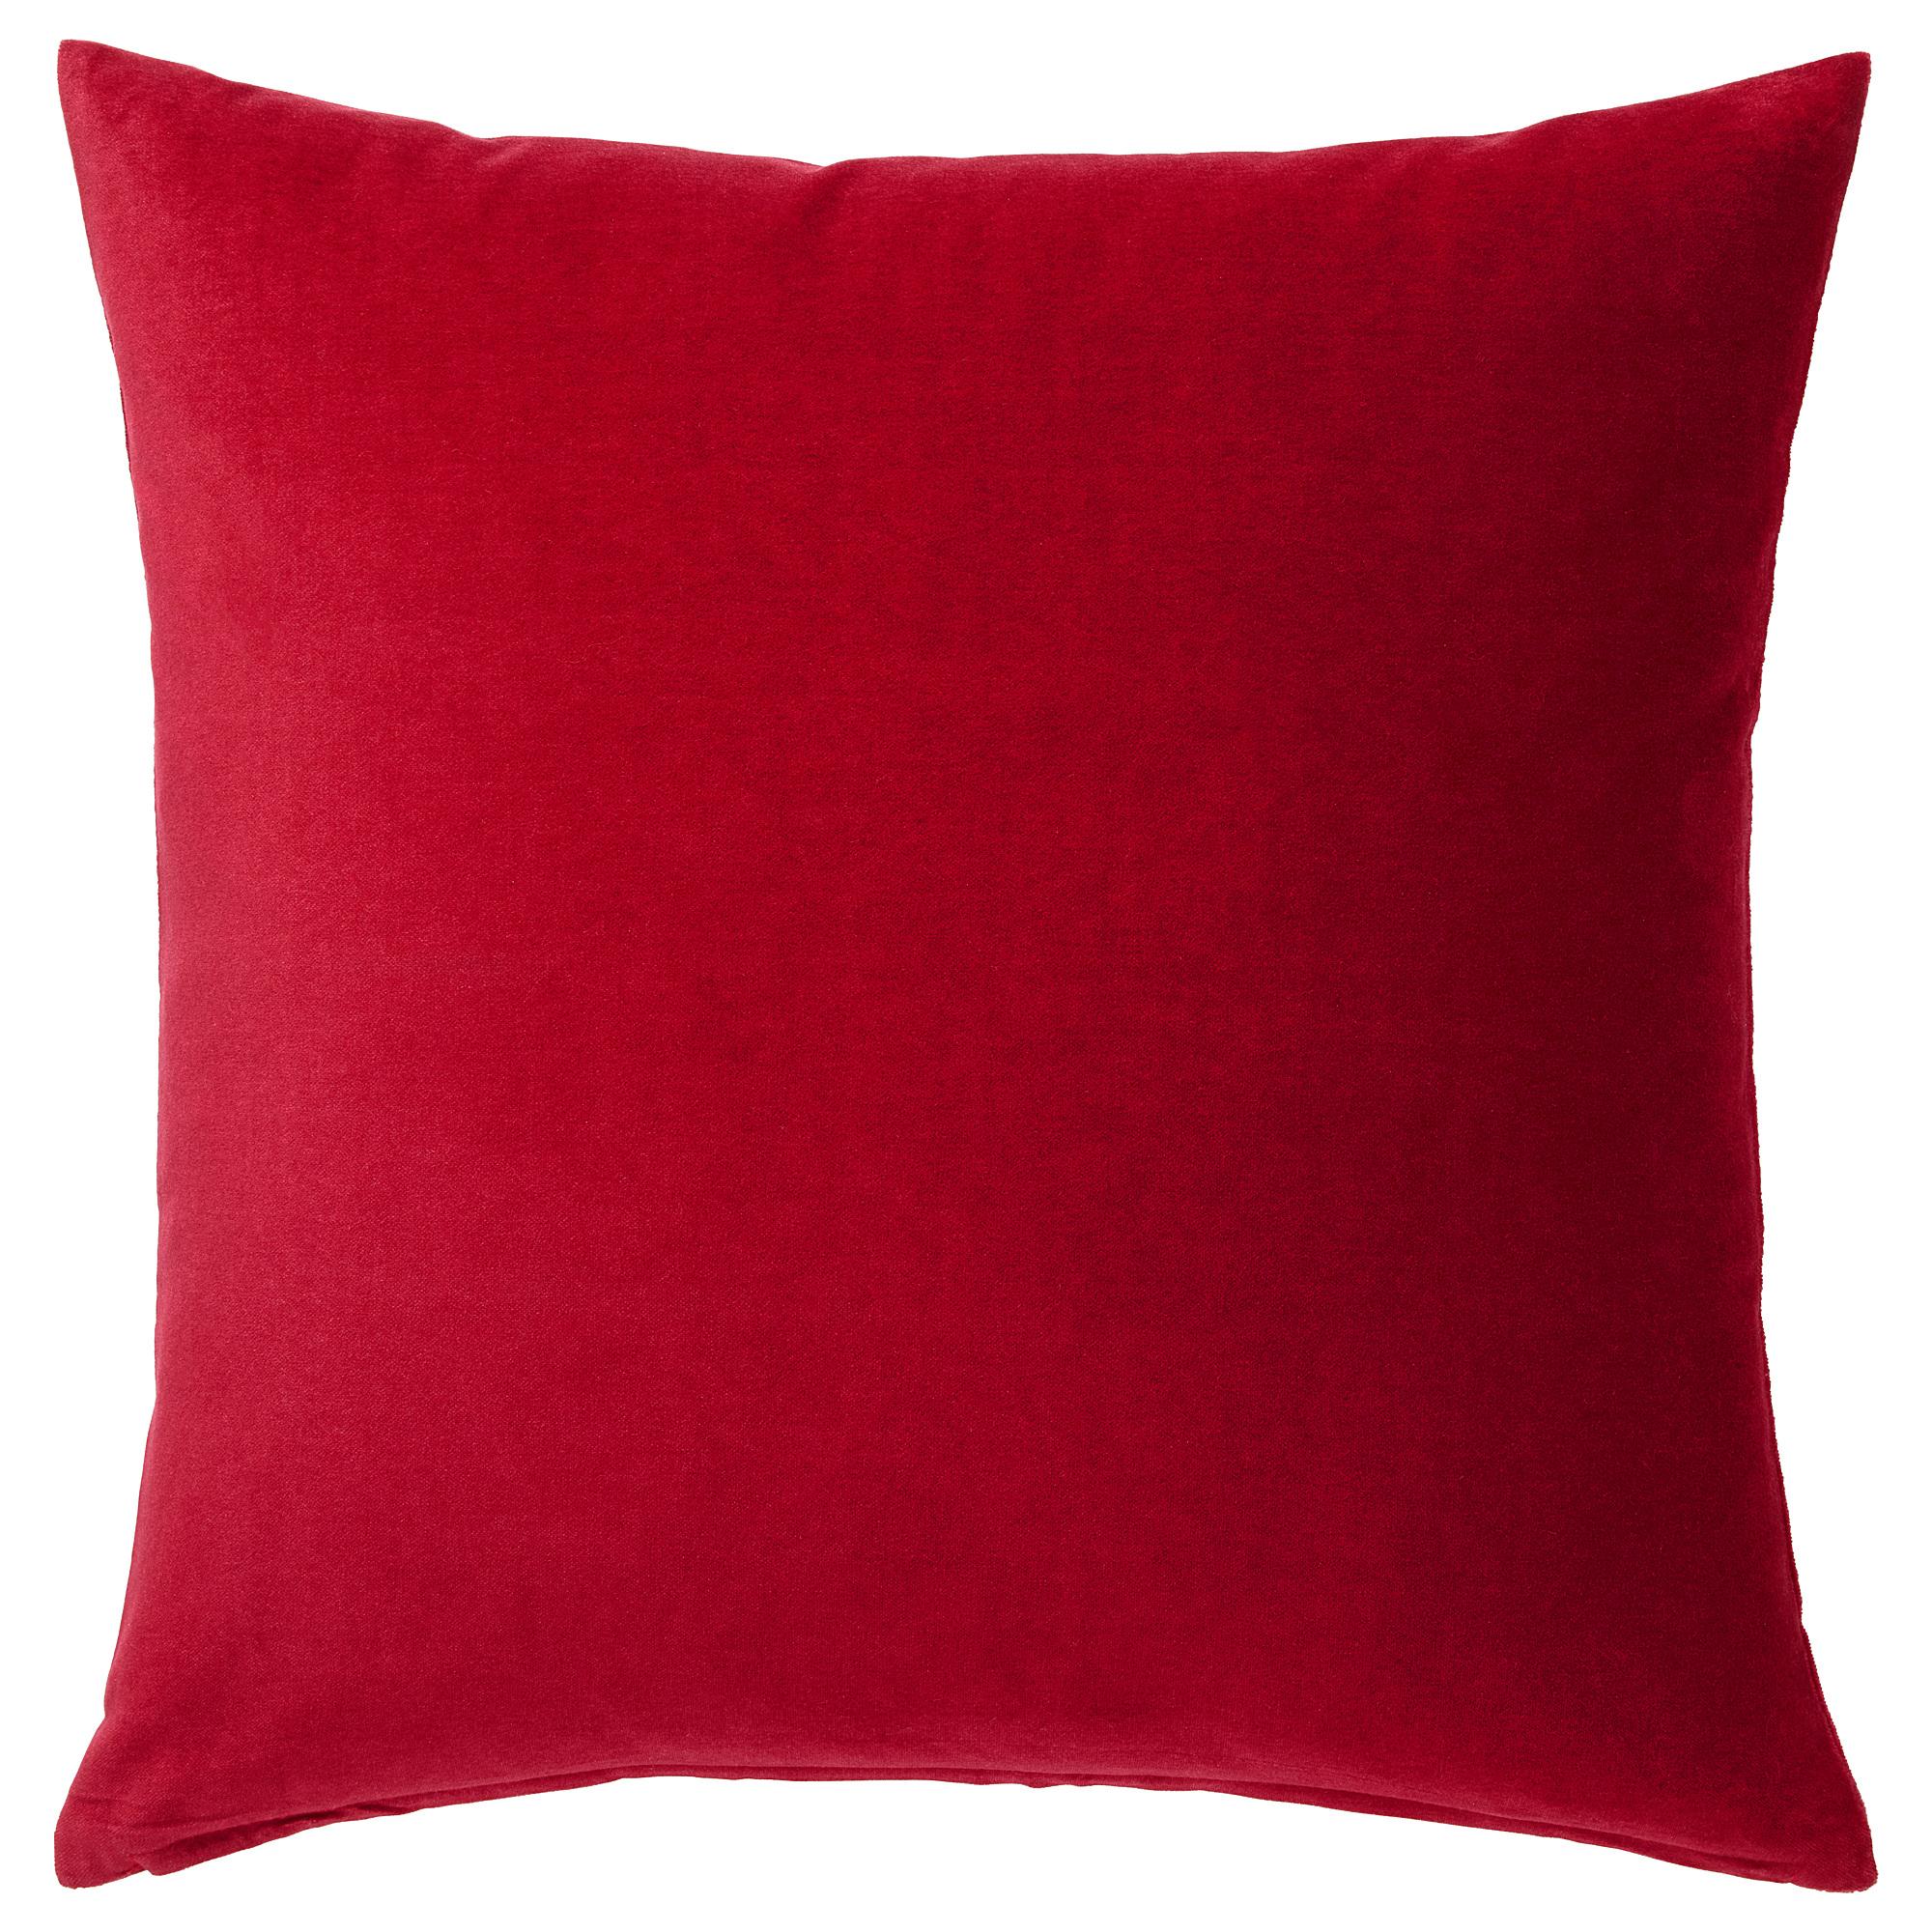 靠枕套, , 50x50 公分, 紅色, 另有其他顏色可選擇